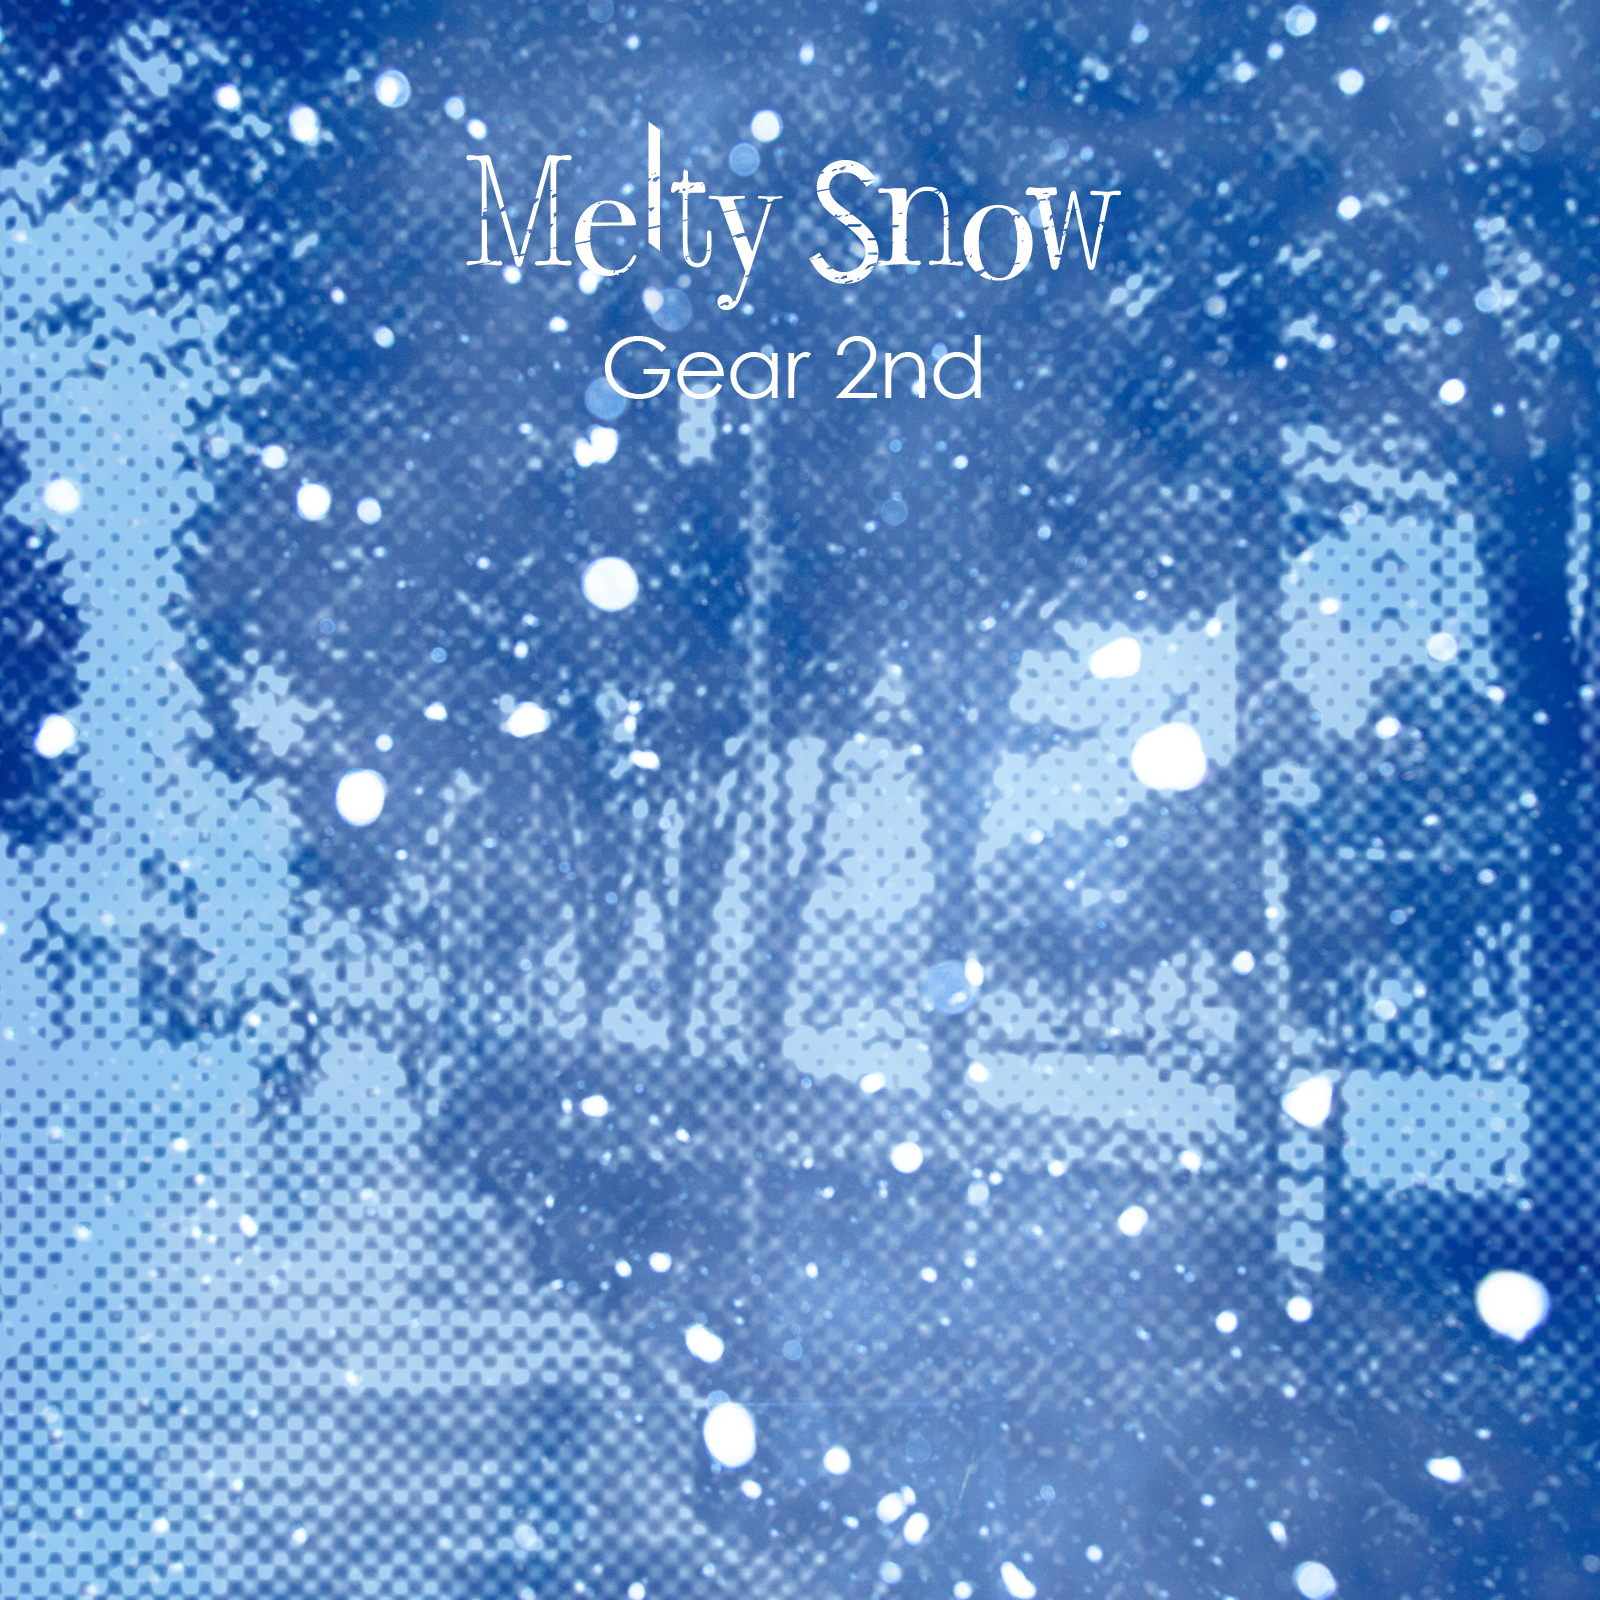 Gear 2nd Digital Single『Melty Snow』